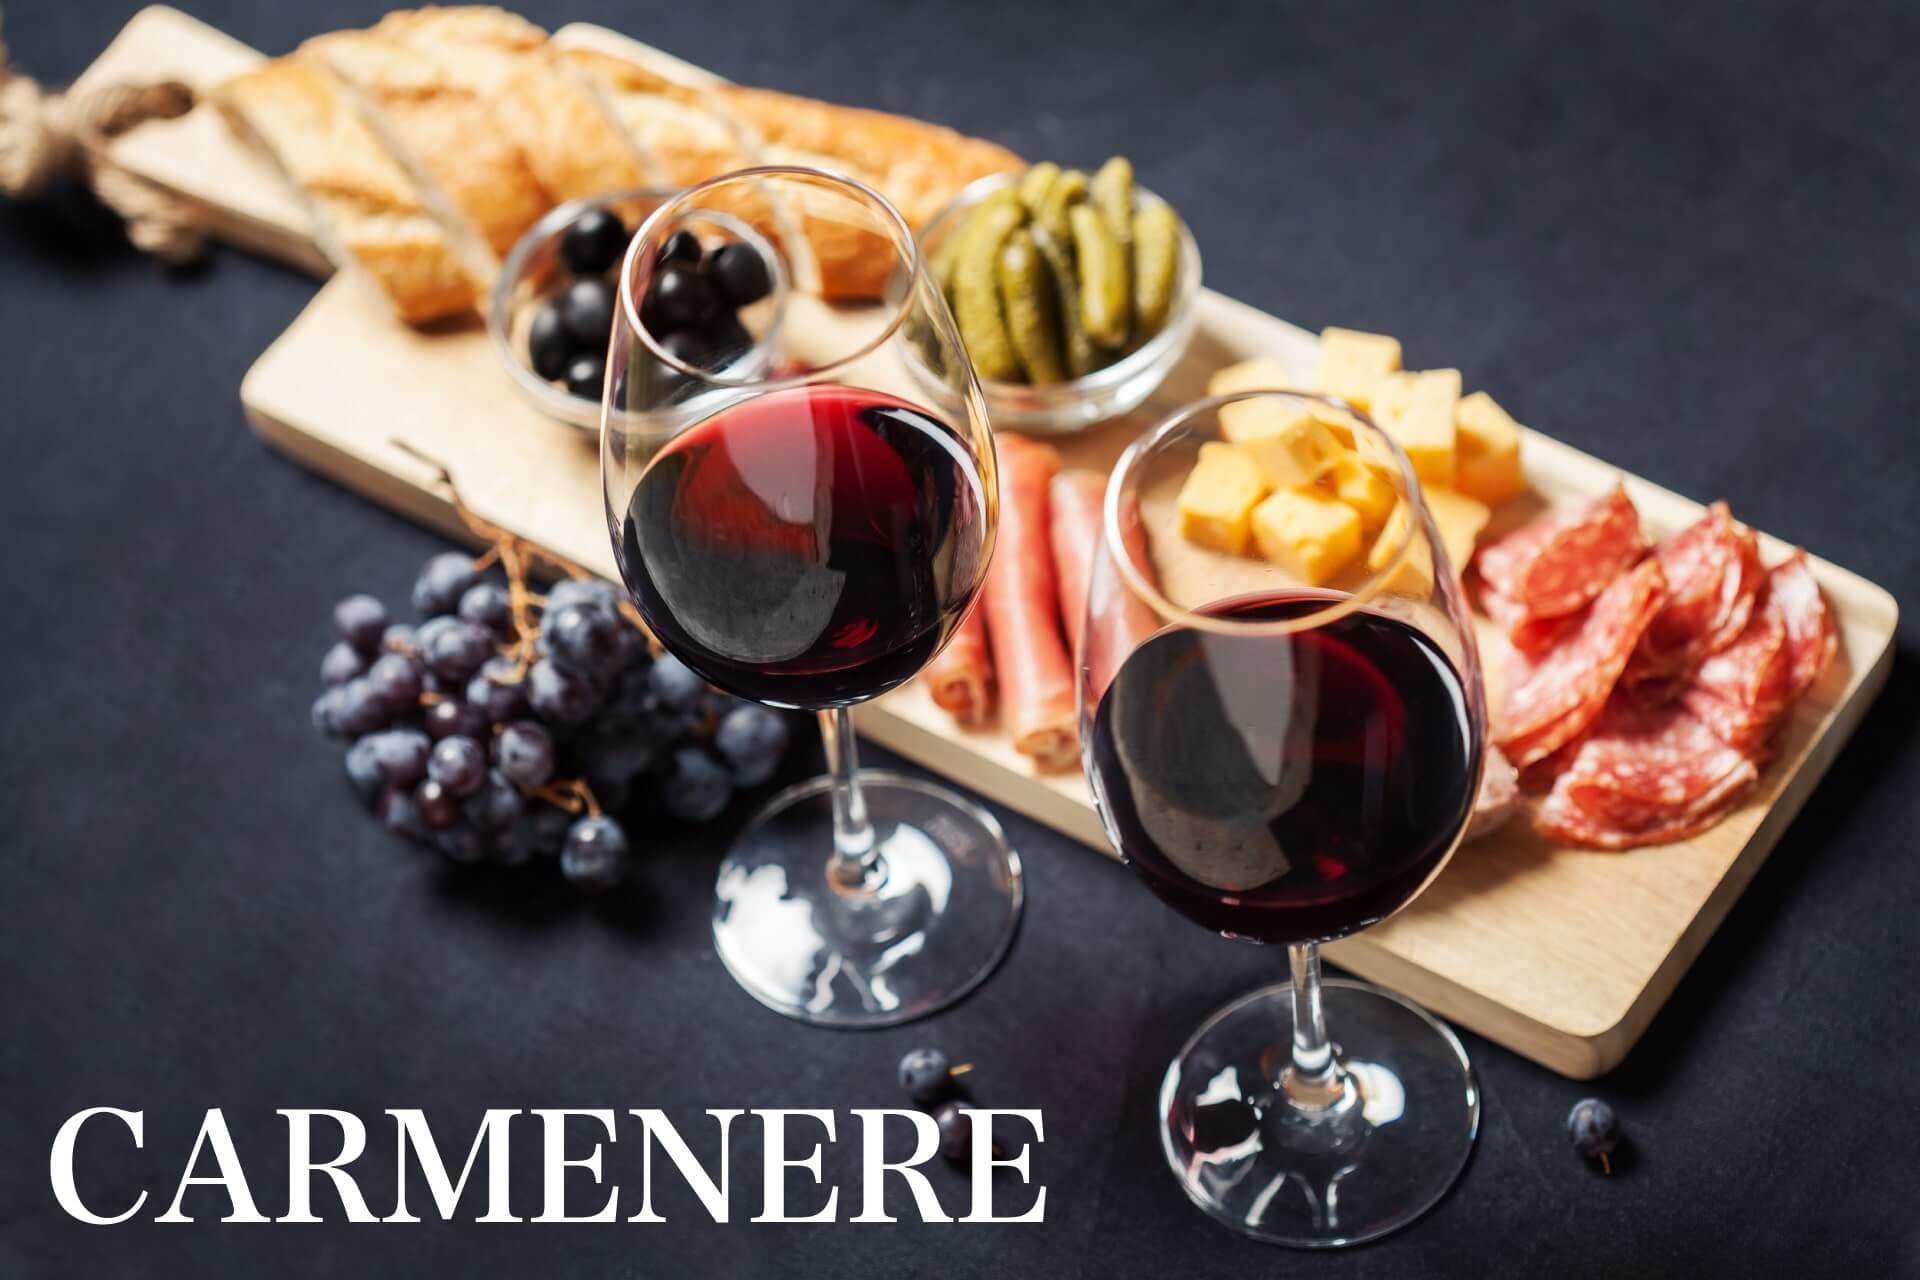 カルメネールおすすめワインのメインビジュアル画像